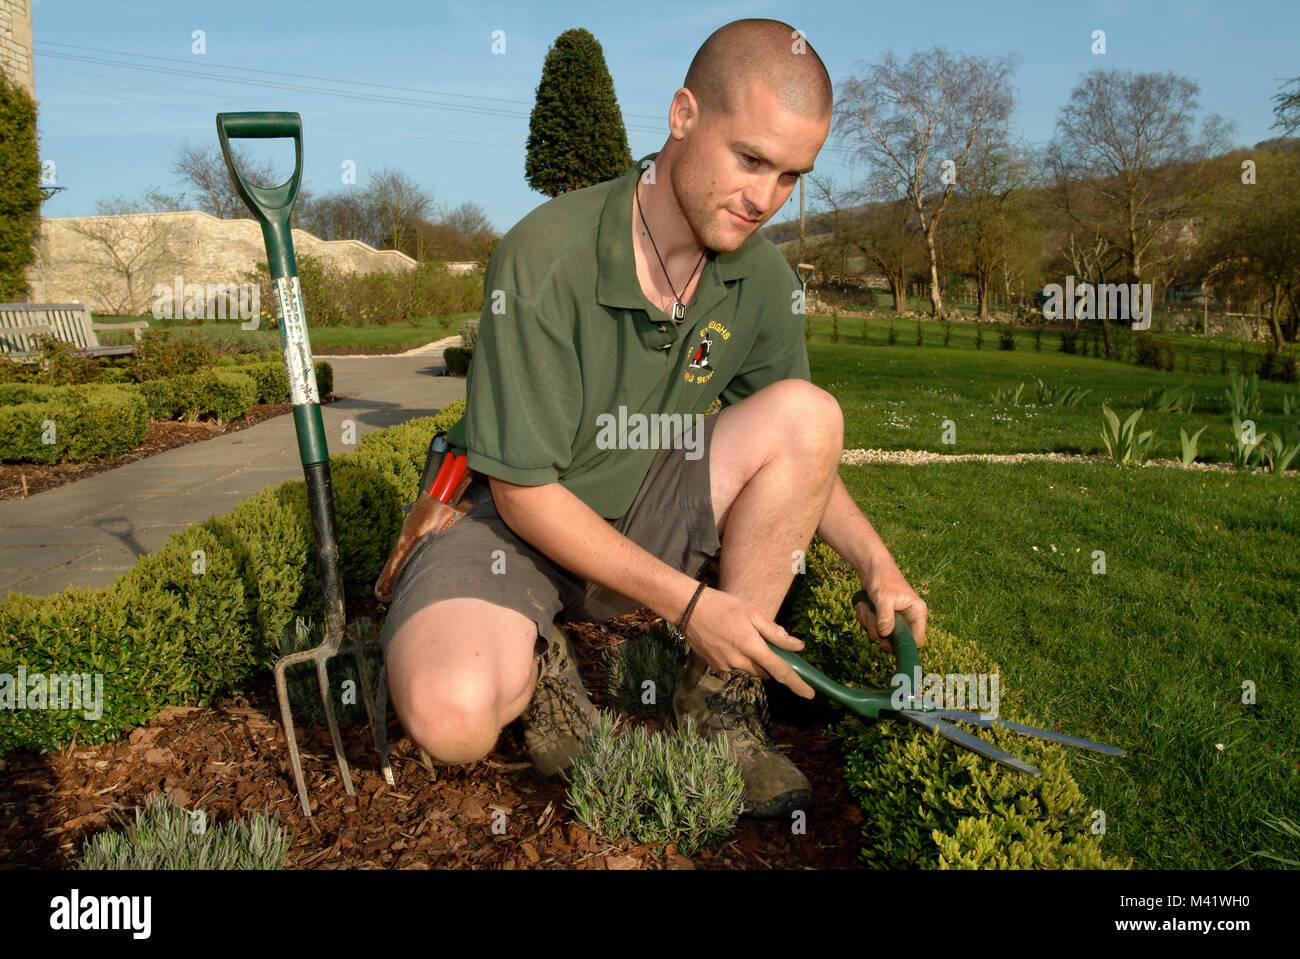 Mark Gardener Stock Photos & Mark Gardener Stock Images - Alamy